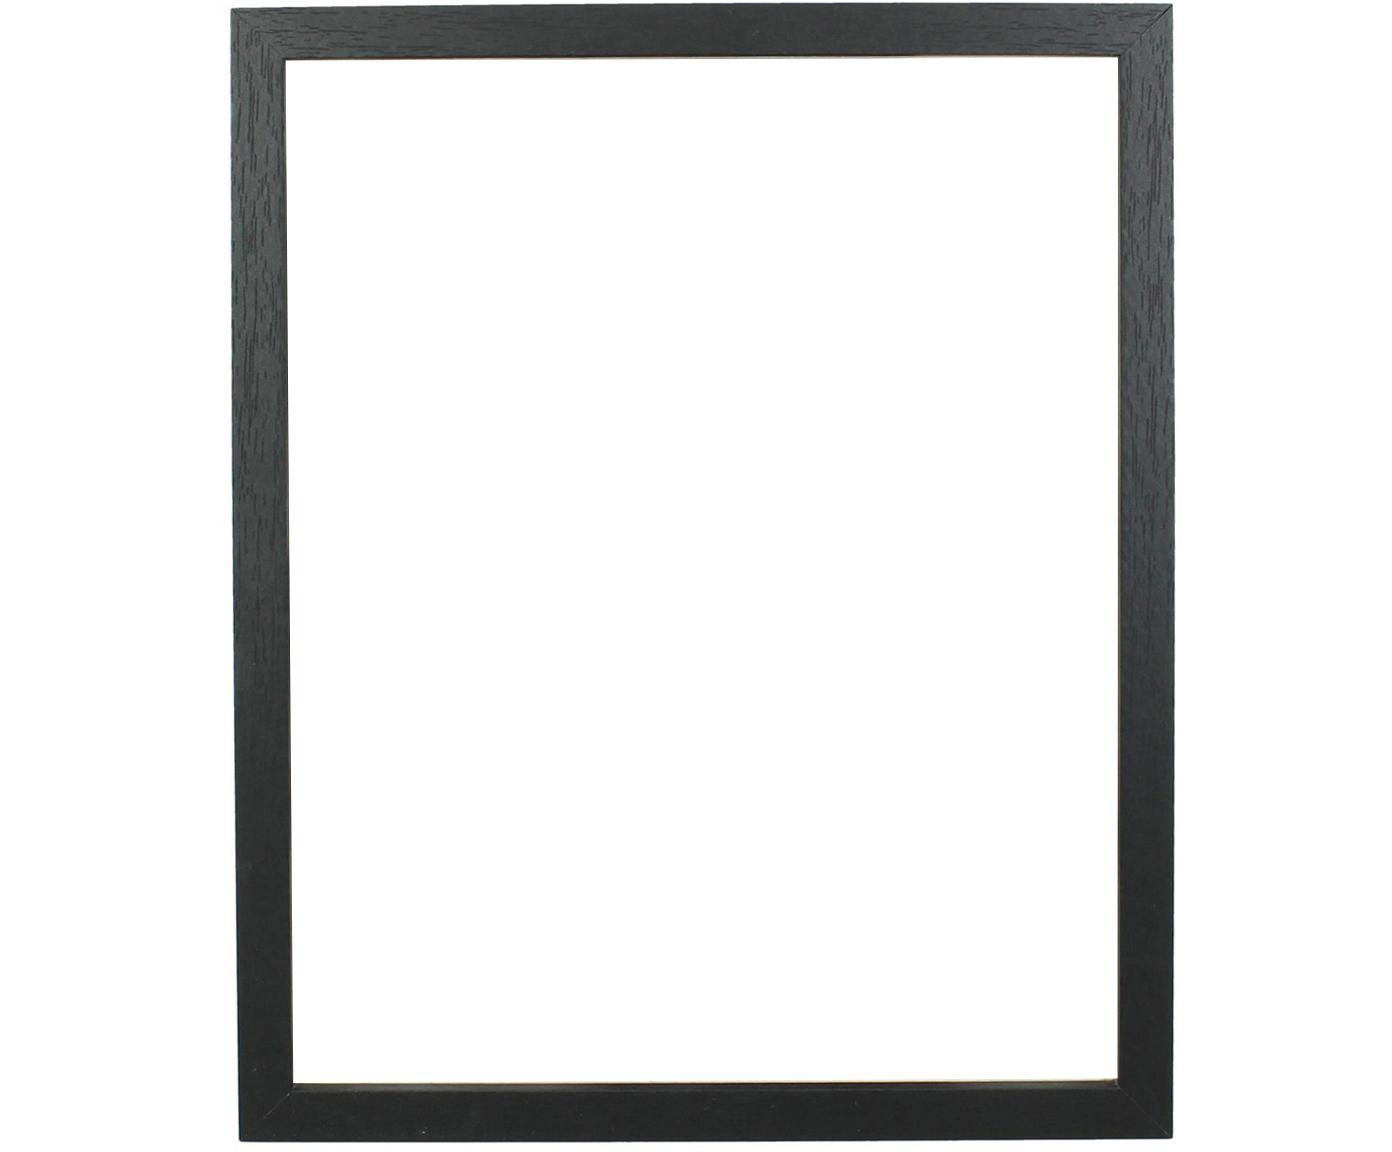 Cornice Seril, Cornice: Pannello di fibra a media, Nero, 13 x 18 cm